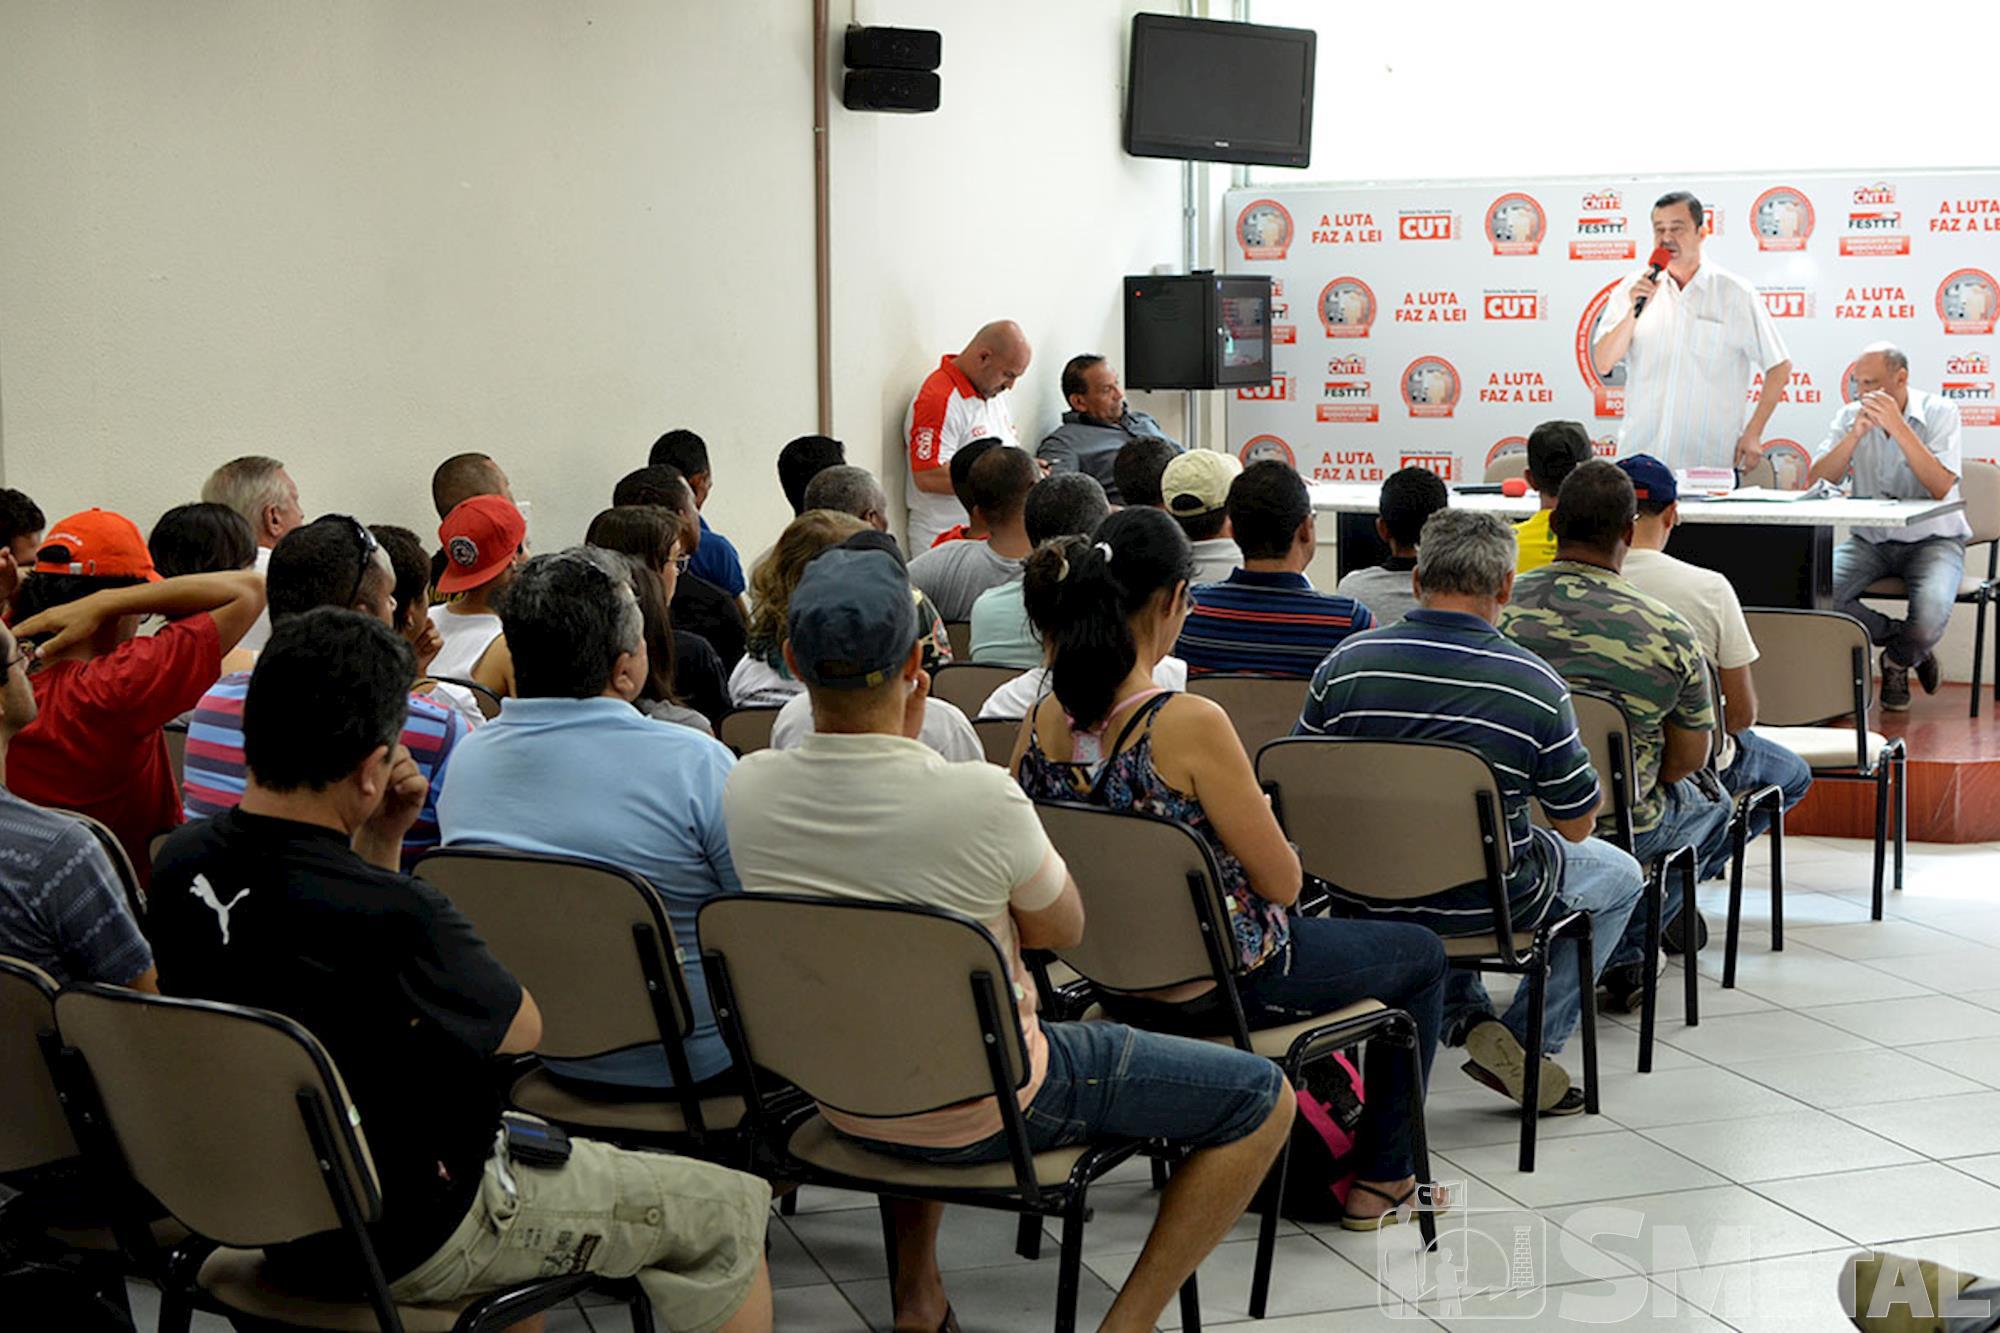 Comitê de Resistência Democrática faz panfletagem e alerta sobre golpe